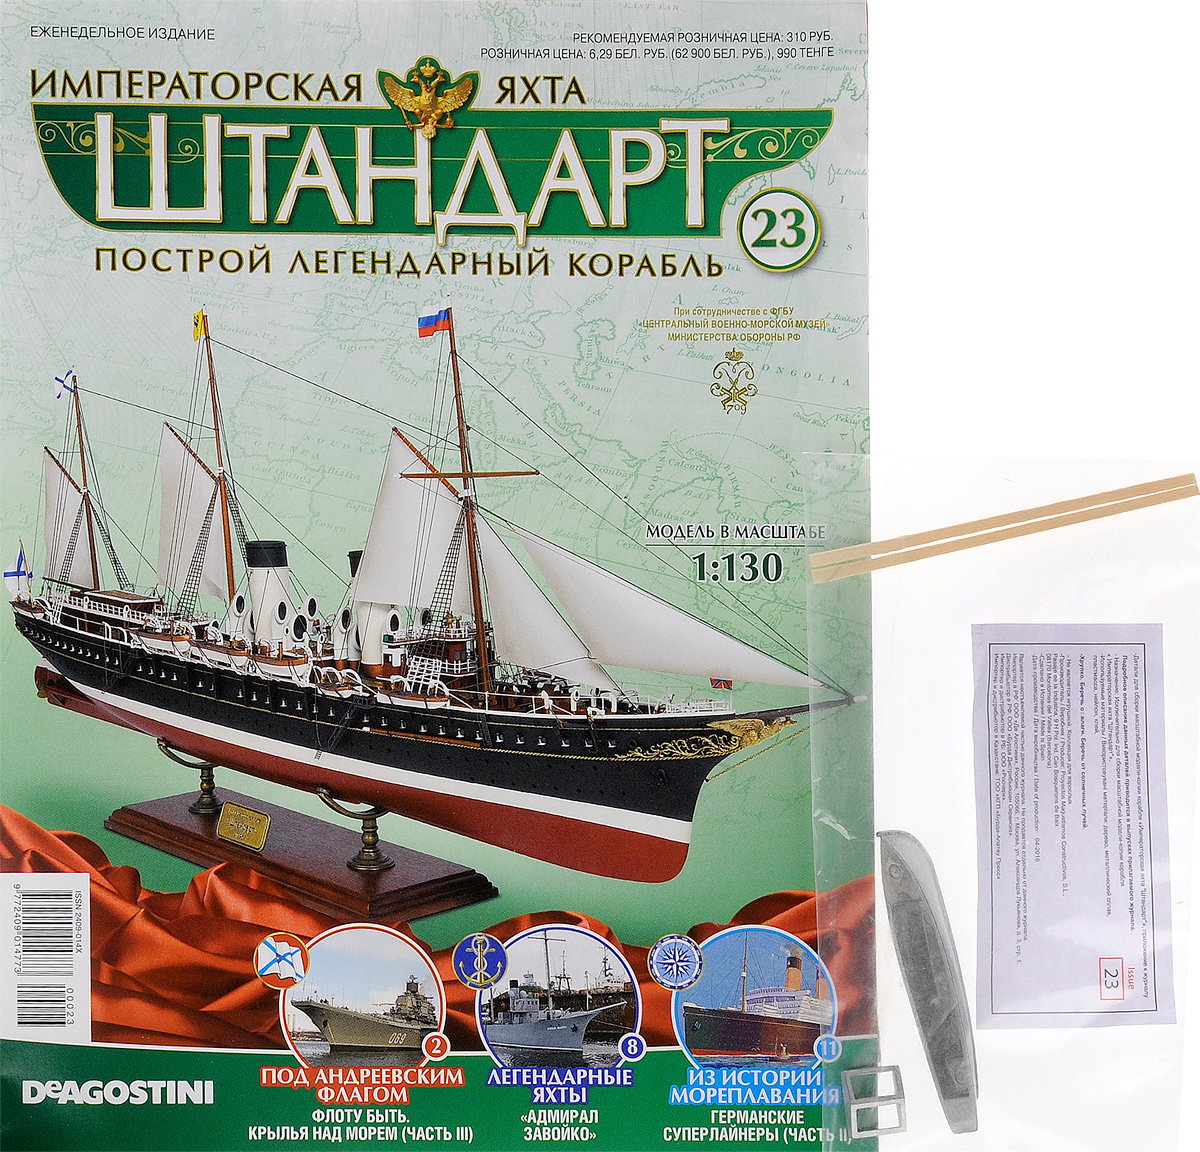 Журнал Императорская яхта Штандарт №23